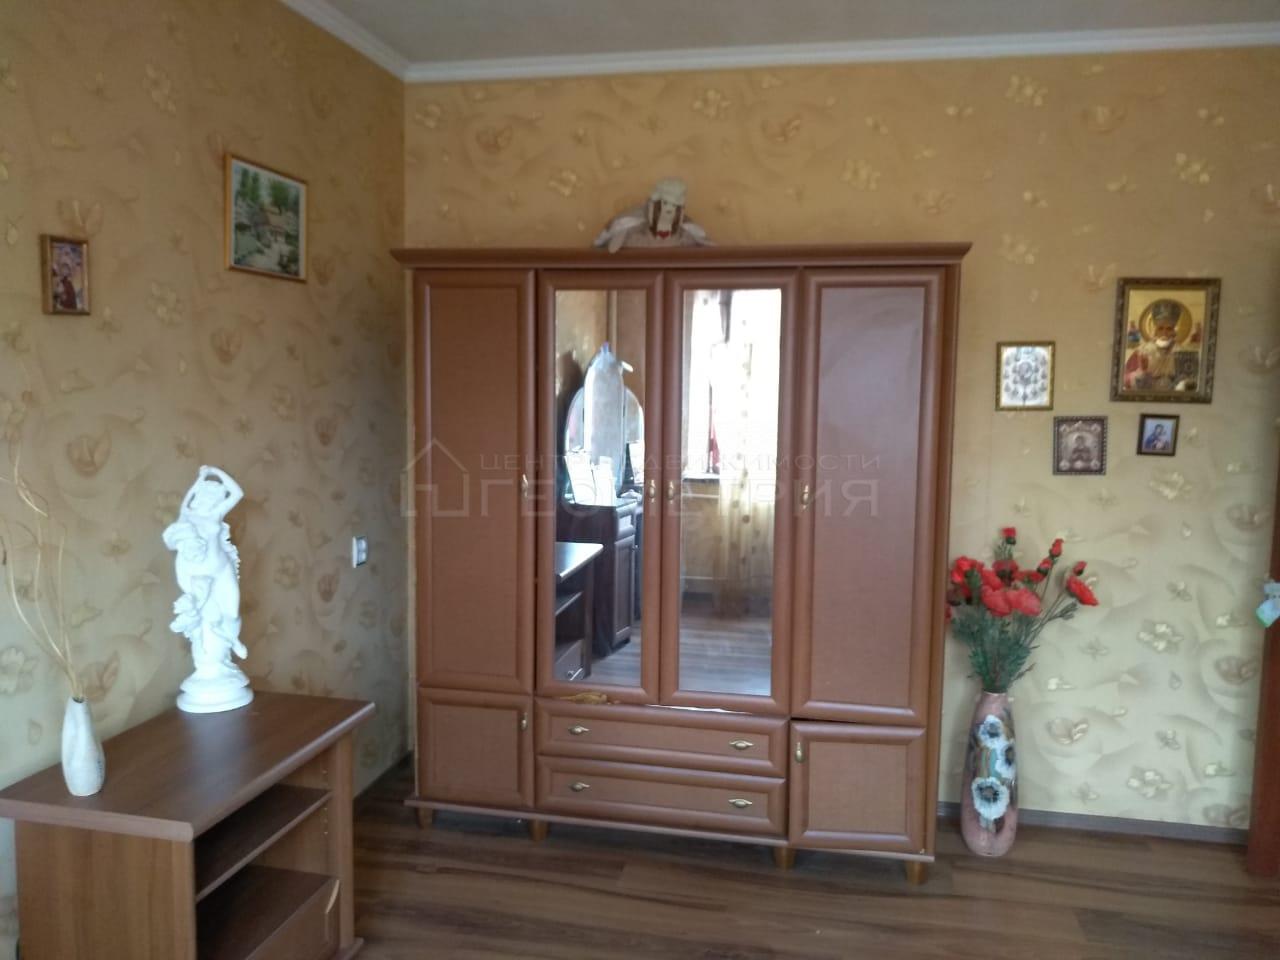 Продам дом по адресу Россия, Краснодарский край, городской округ Краснодар, Краснодар, Троицкая улица фото 16 по выгодной цене